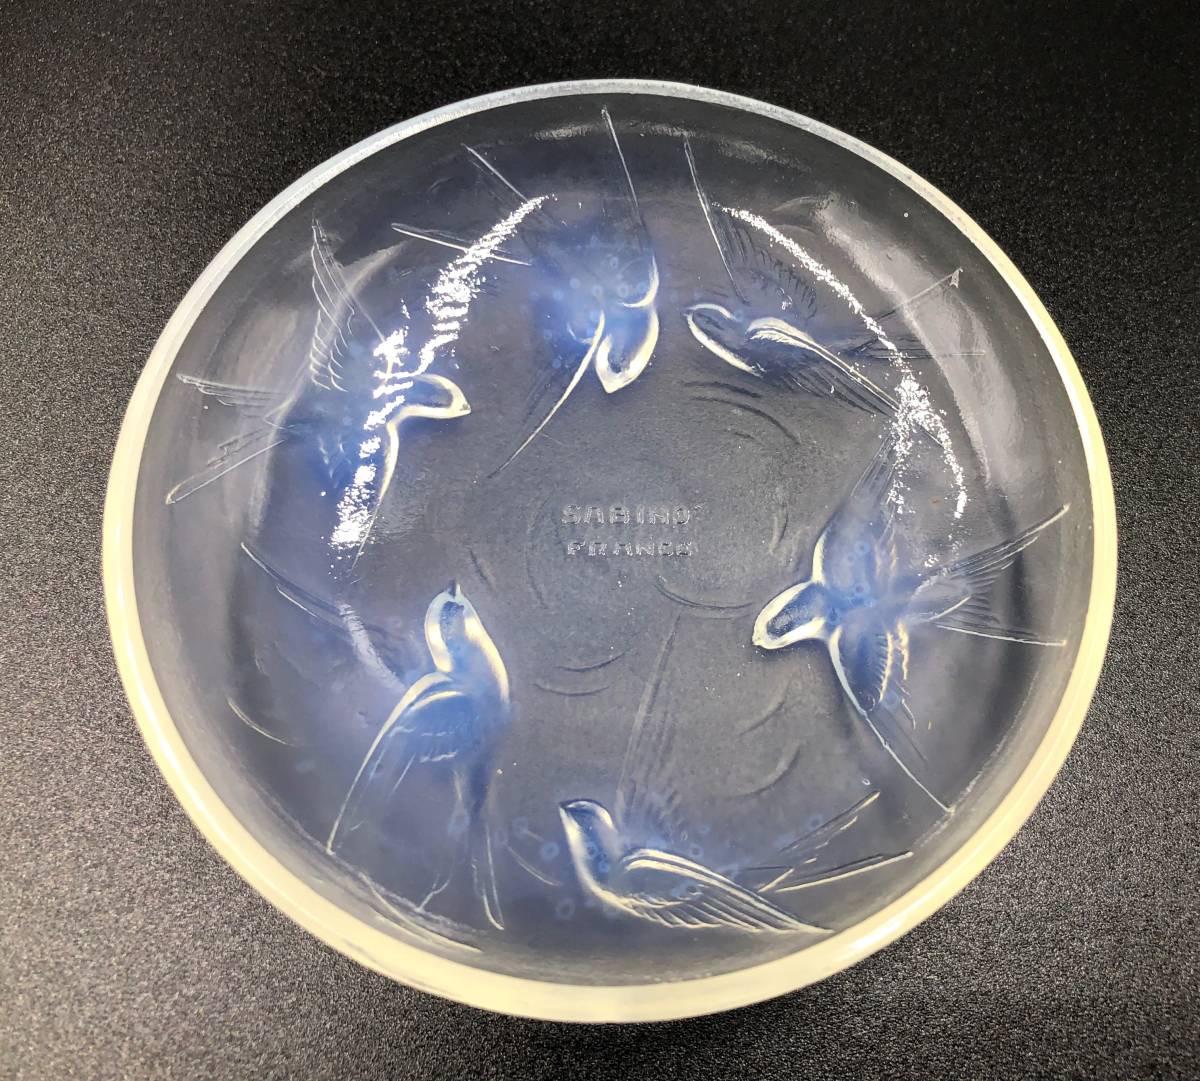 希少 SABINO FRANCE サビノ フランス サビーノ オパールセント ガラス 小鳥のプレート アンティーク ヴィンテージ  小皿